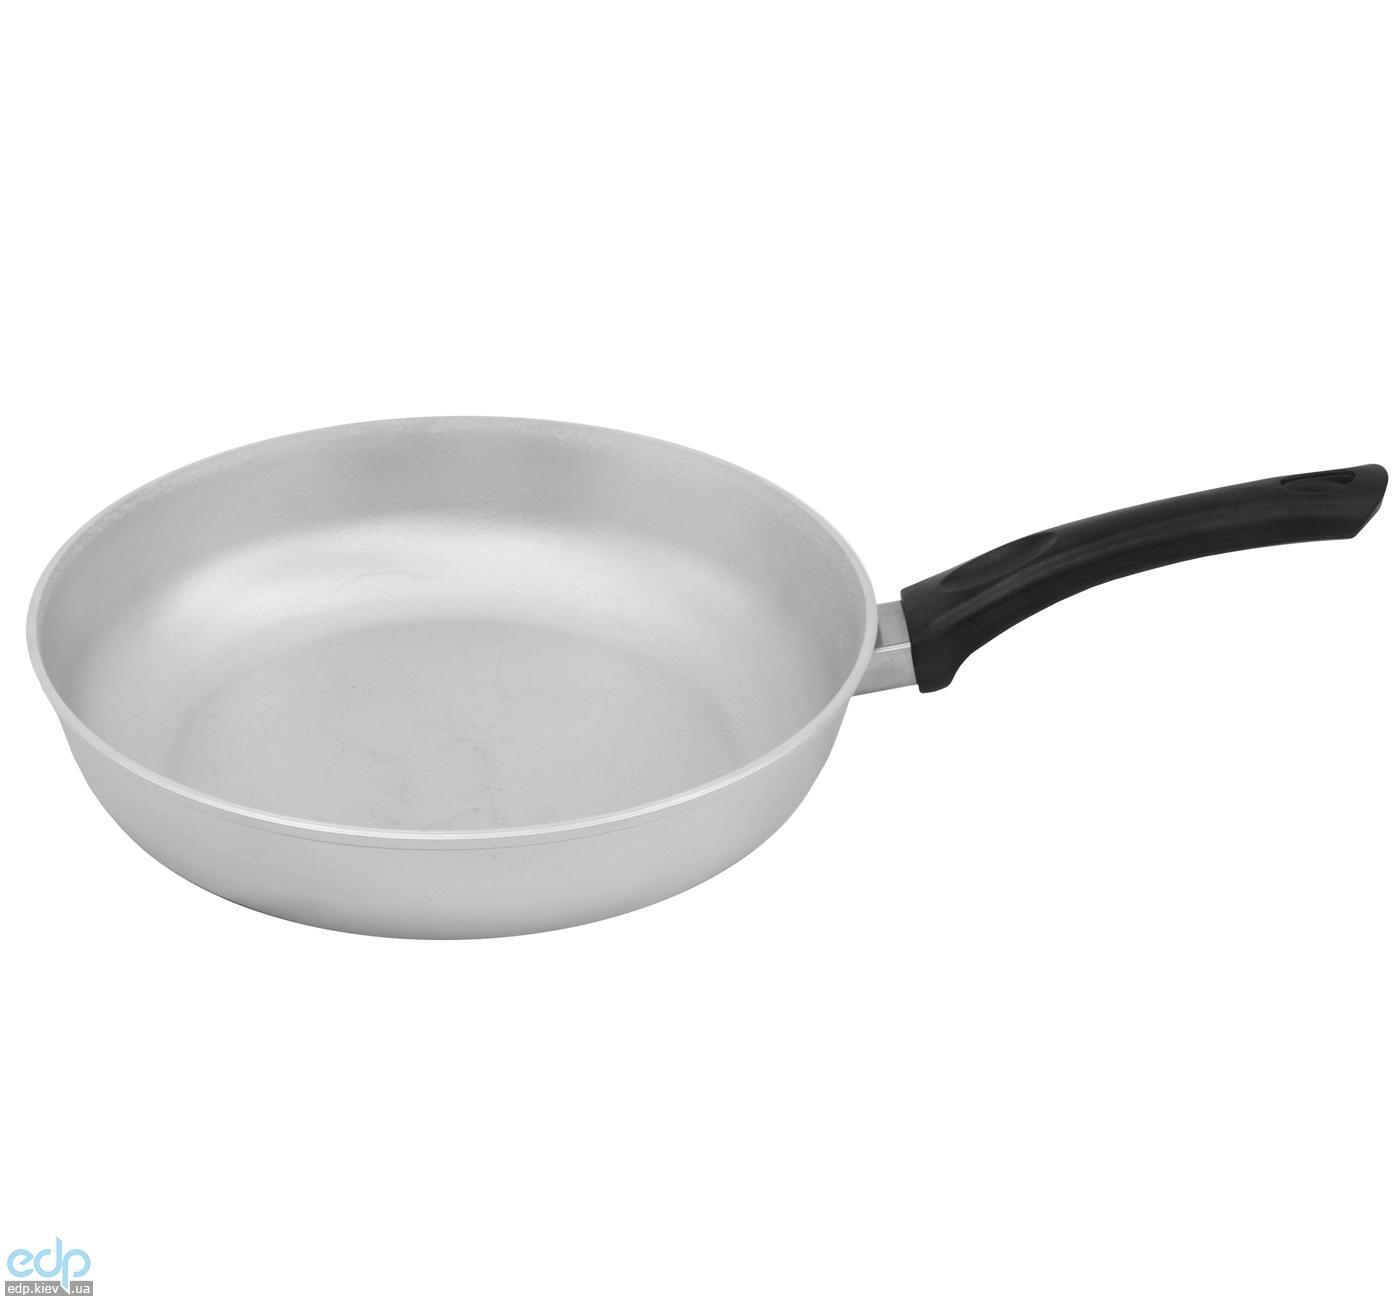 Биол - Сковорода с ровным дном алюминиевая без крышки диаметр 28 см (С283)